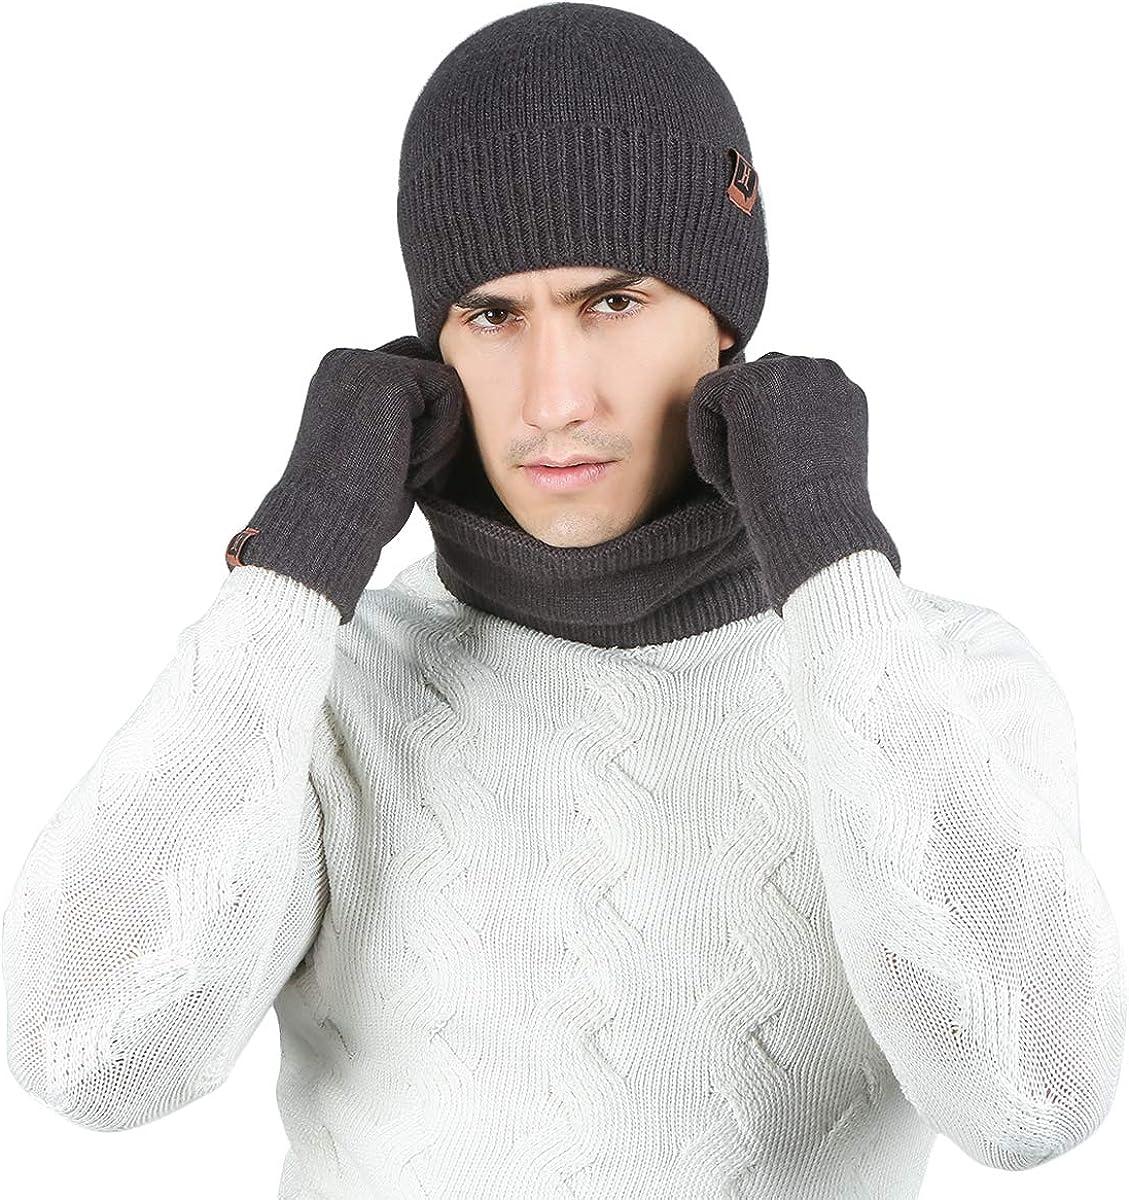 LumiSyne Invierno 3 En 1 Gorro Beanie De Punto Bufanda De Tubo y Guantes De Pantalla T/áctil Hombre Mujer Sombreros De Suave Calentador De Cuello Tela De Angora Suave